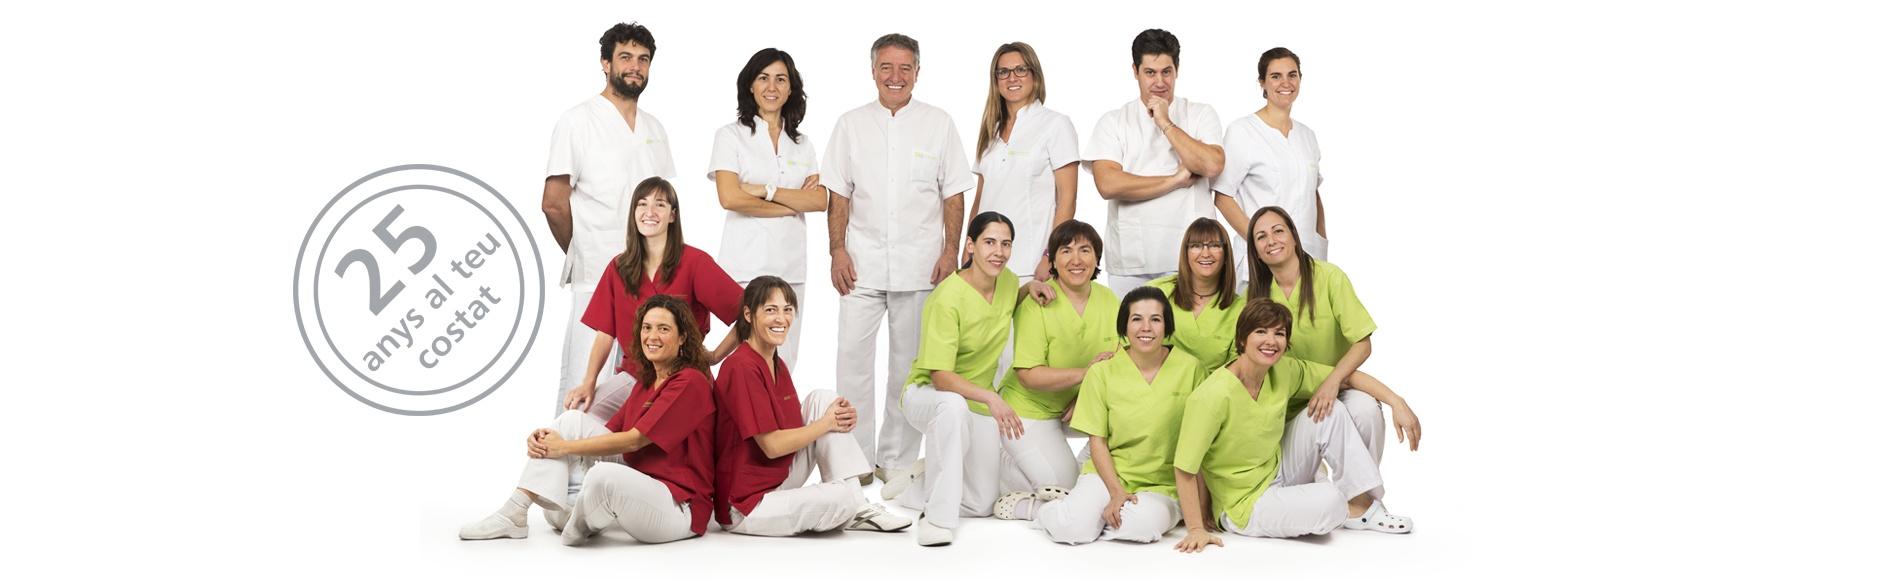 equip-centre-dental-castellsagué-quadrada-2016-granollers-1